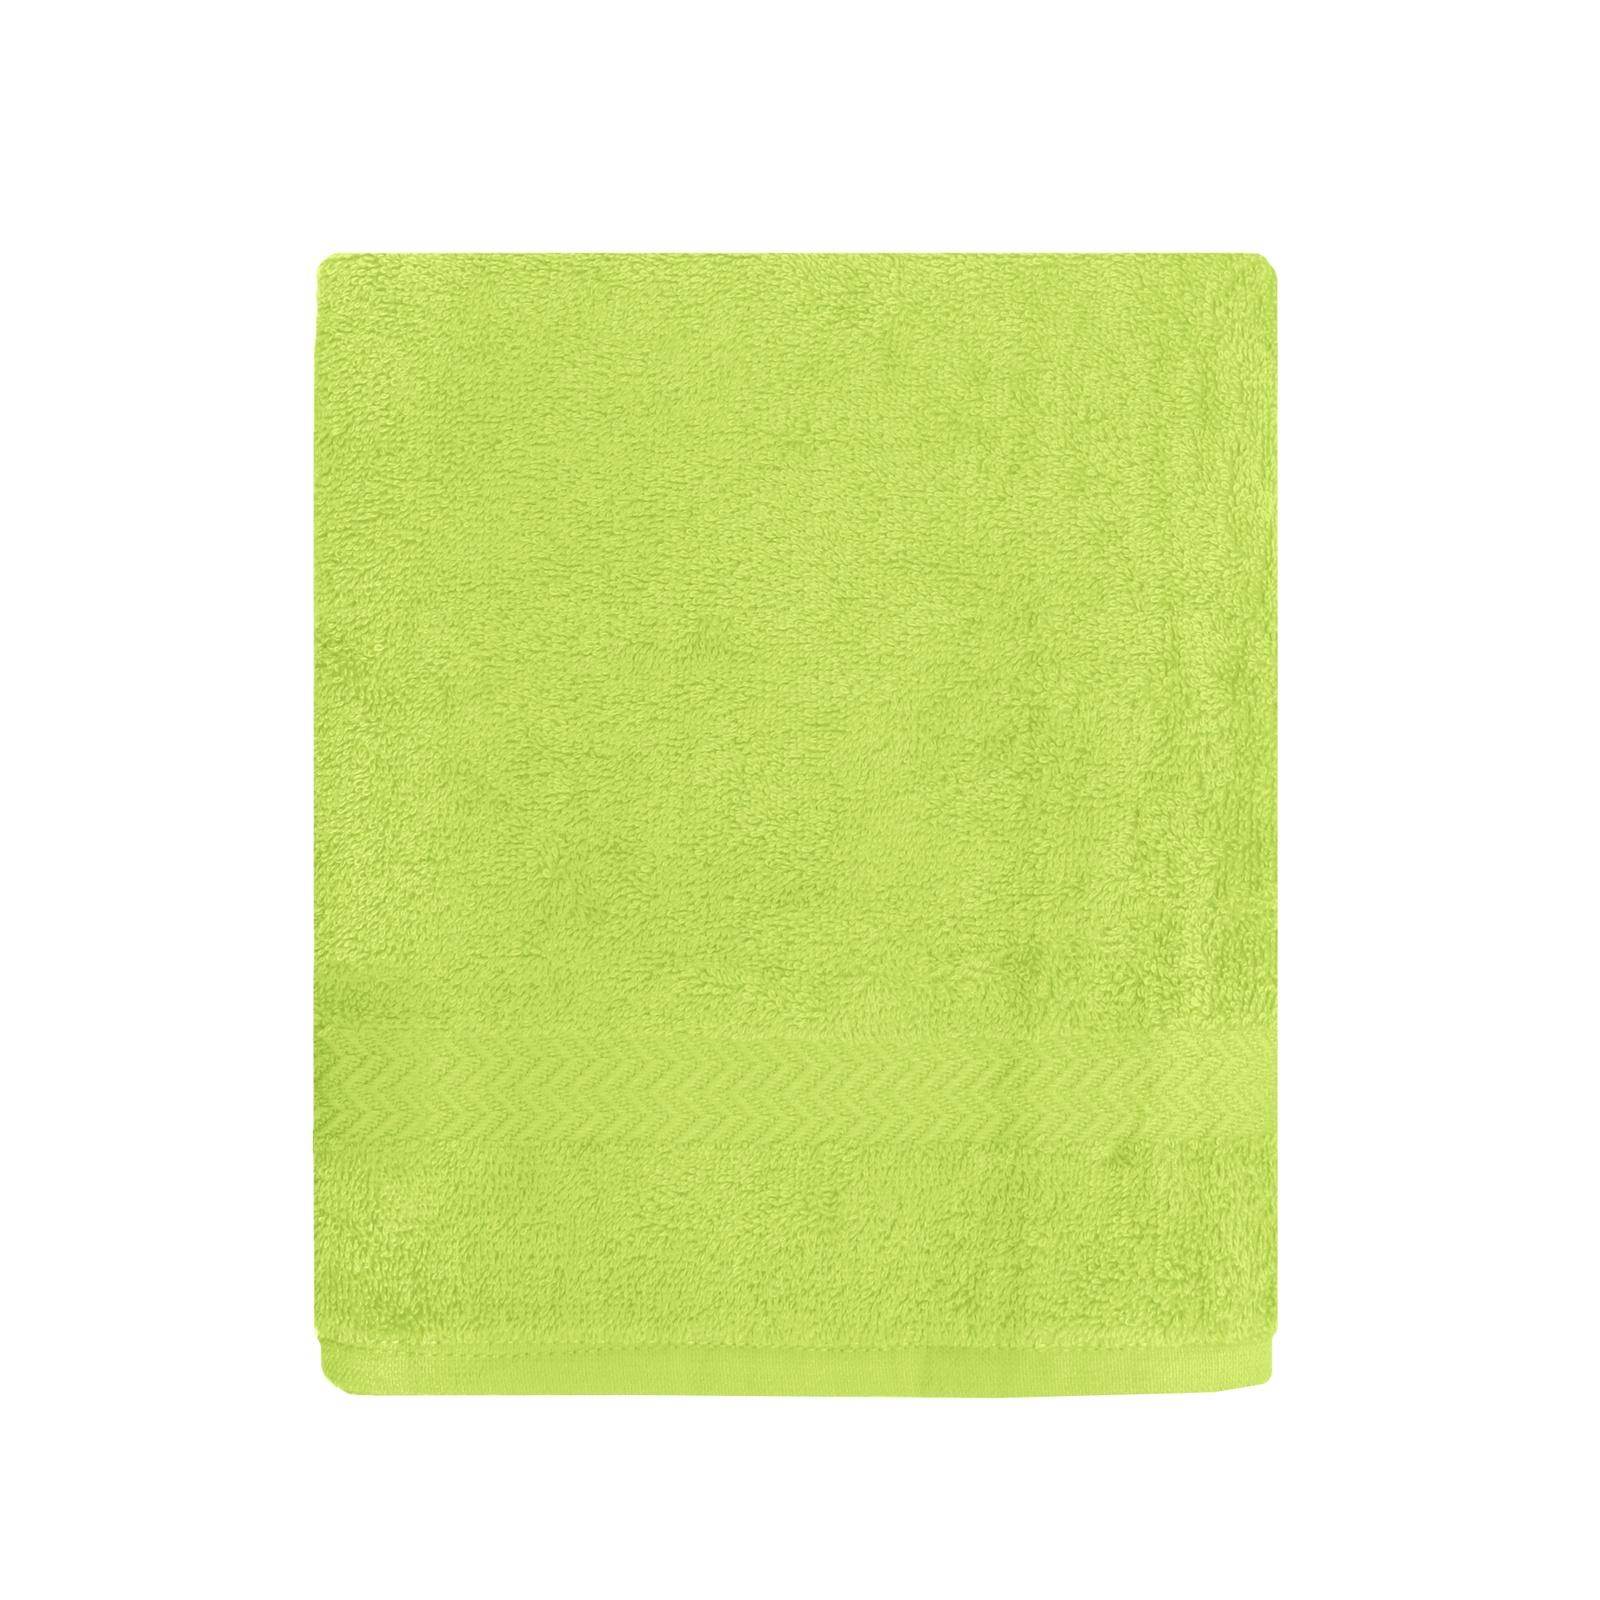 цена на Полотенце банное Bonita Classic, 21011215142, зеленый, 70 х 140 см